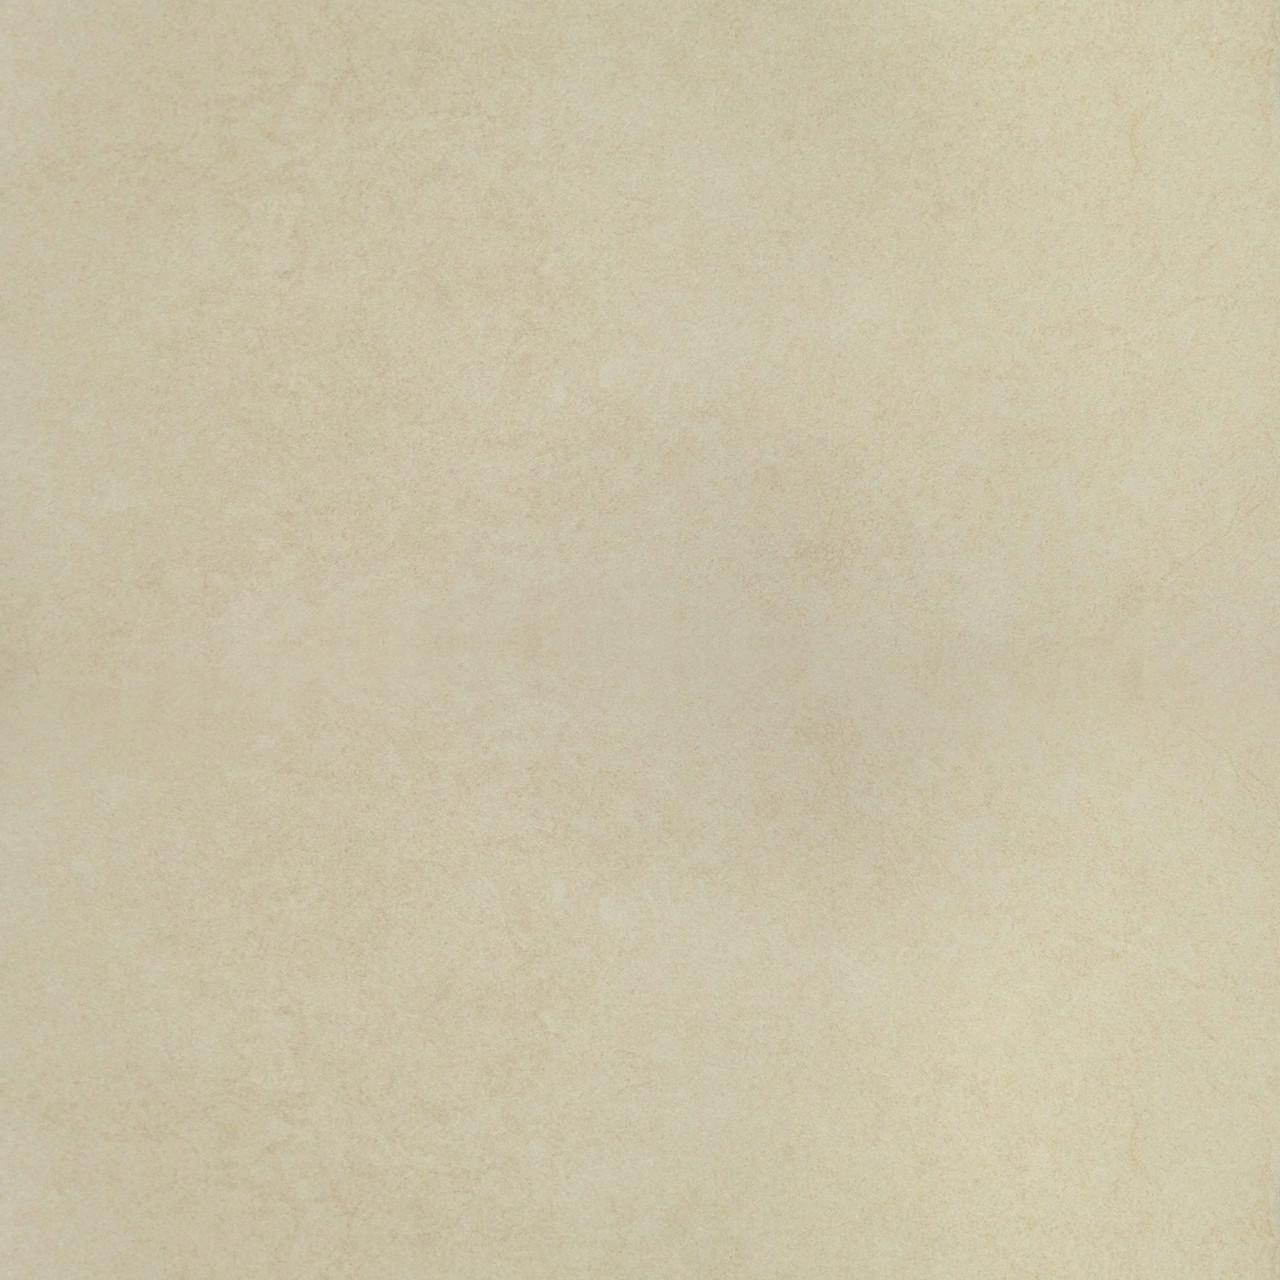 Плитка для пола глазурованная Arc B 480x480